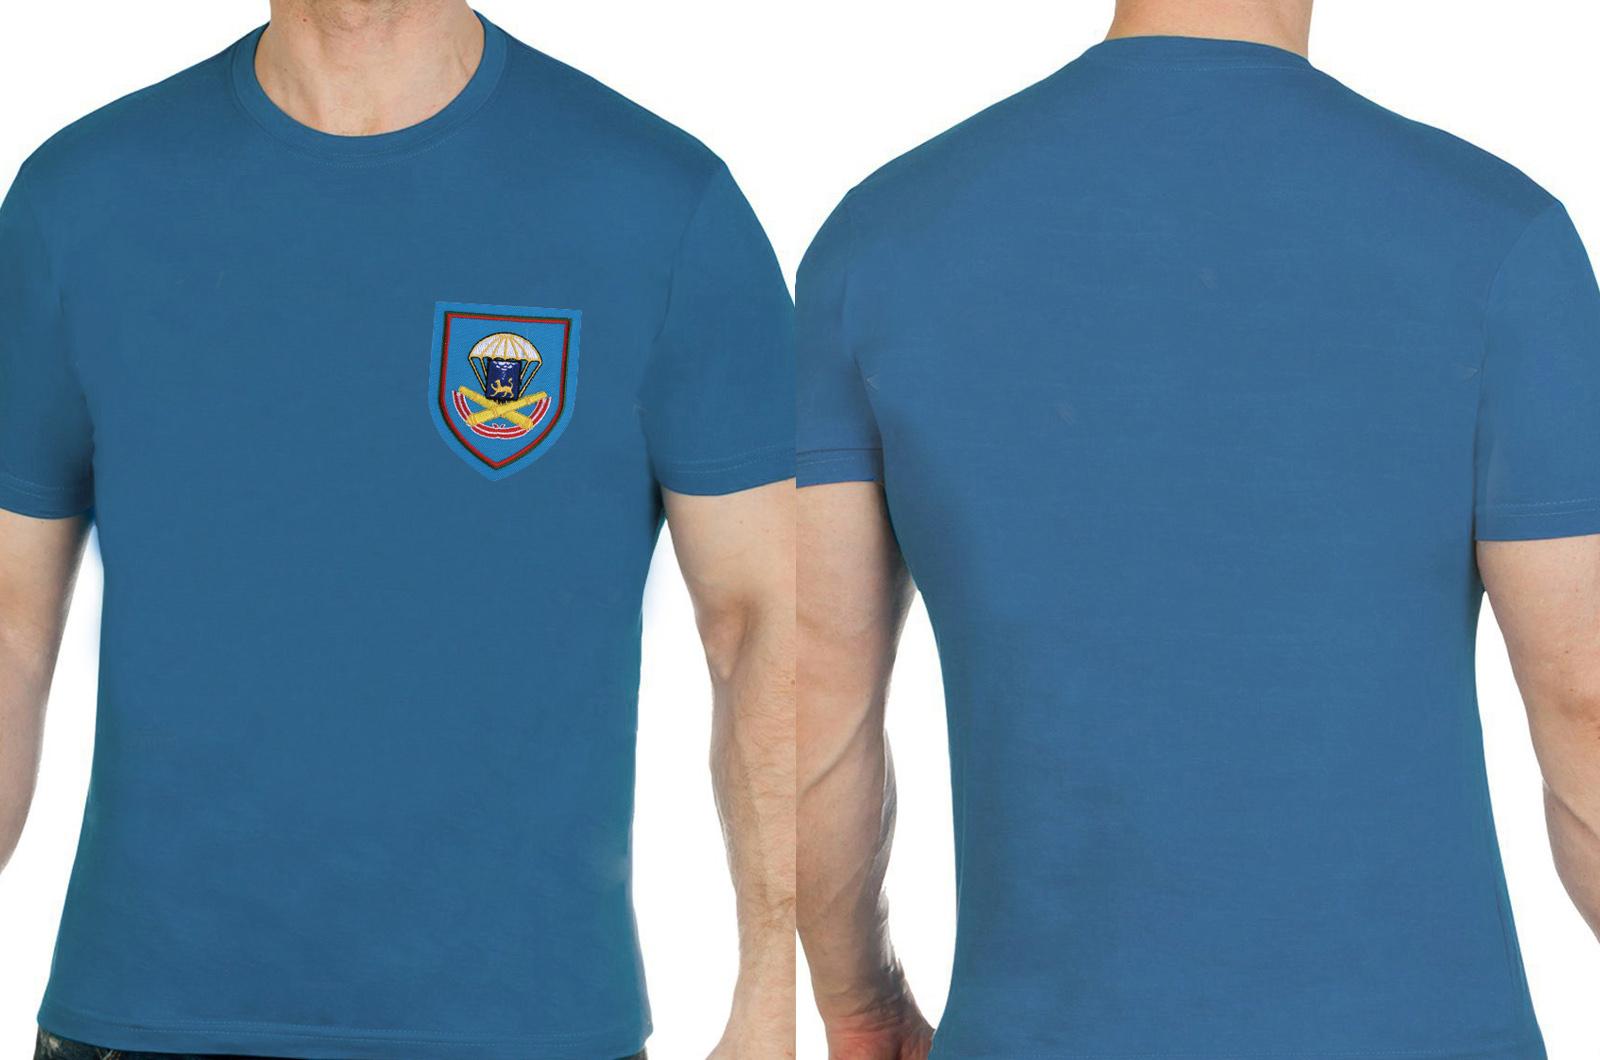 Мужская комфортная футболка с вышивкой ВДВ - заказать с доставкой